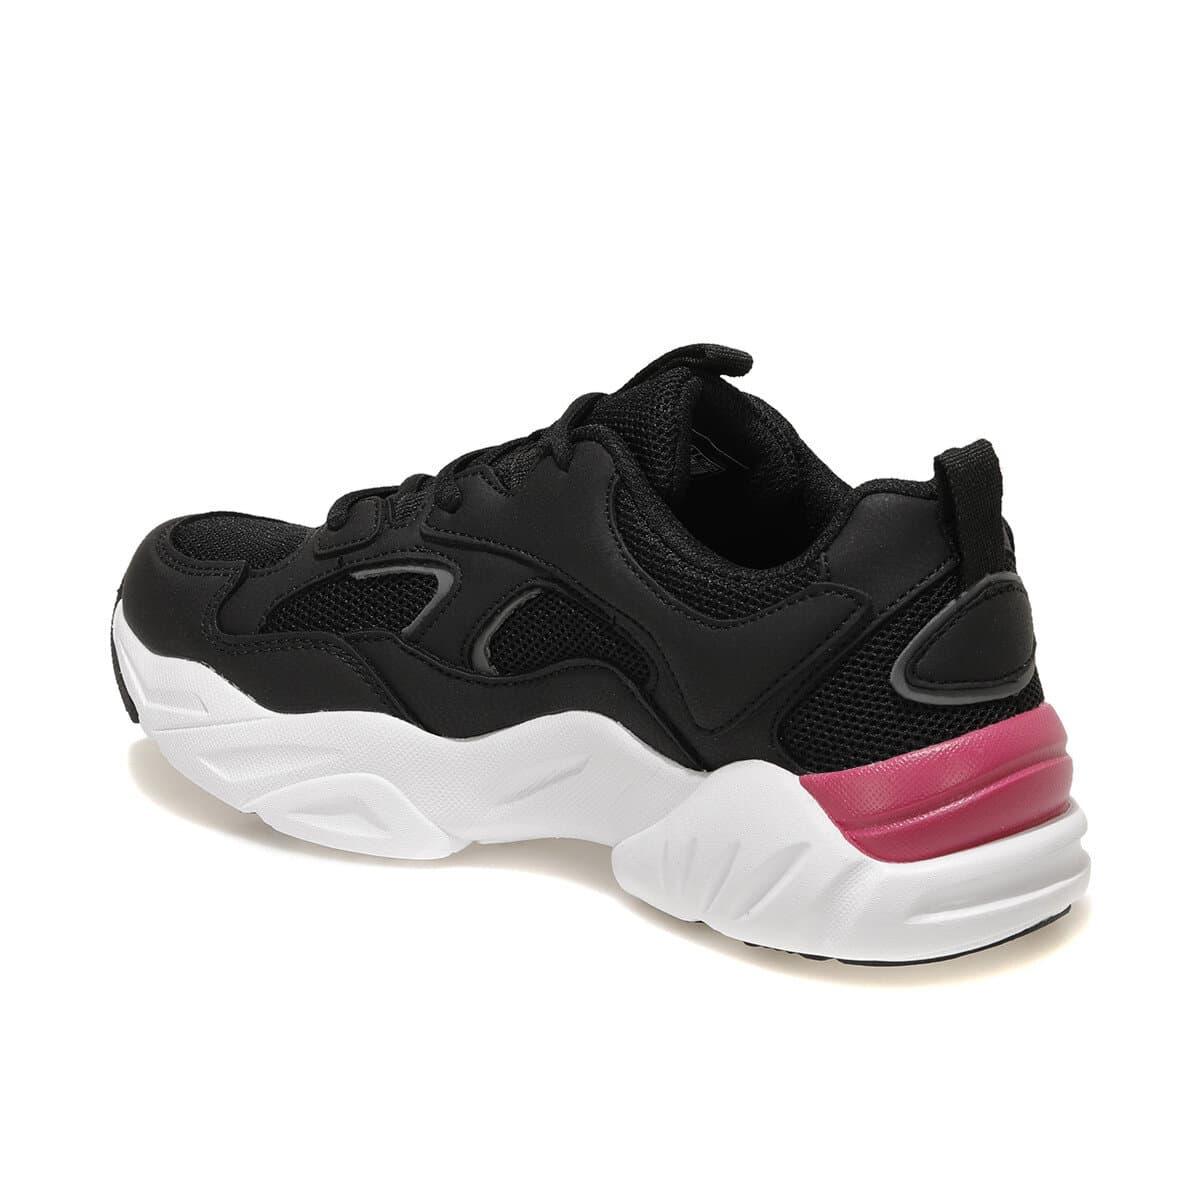 Dokato Kadın Siyah Spor Ayakkabı (100587150)